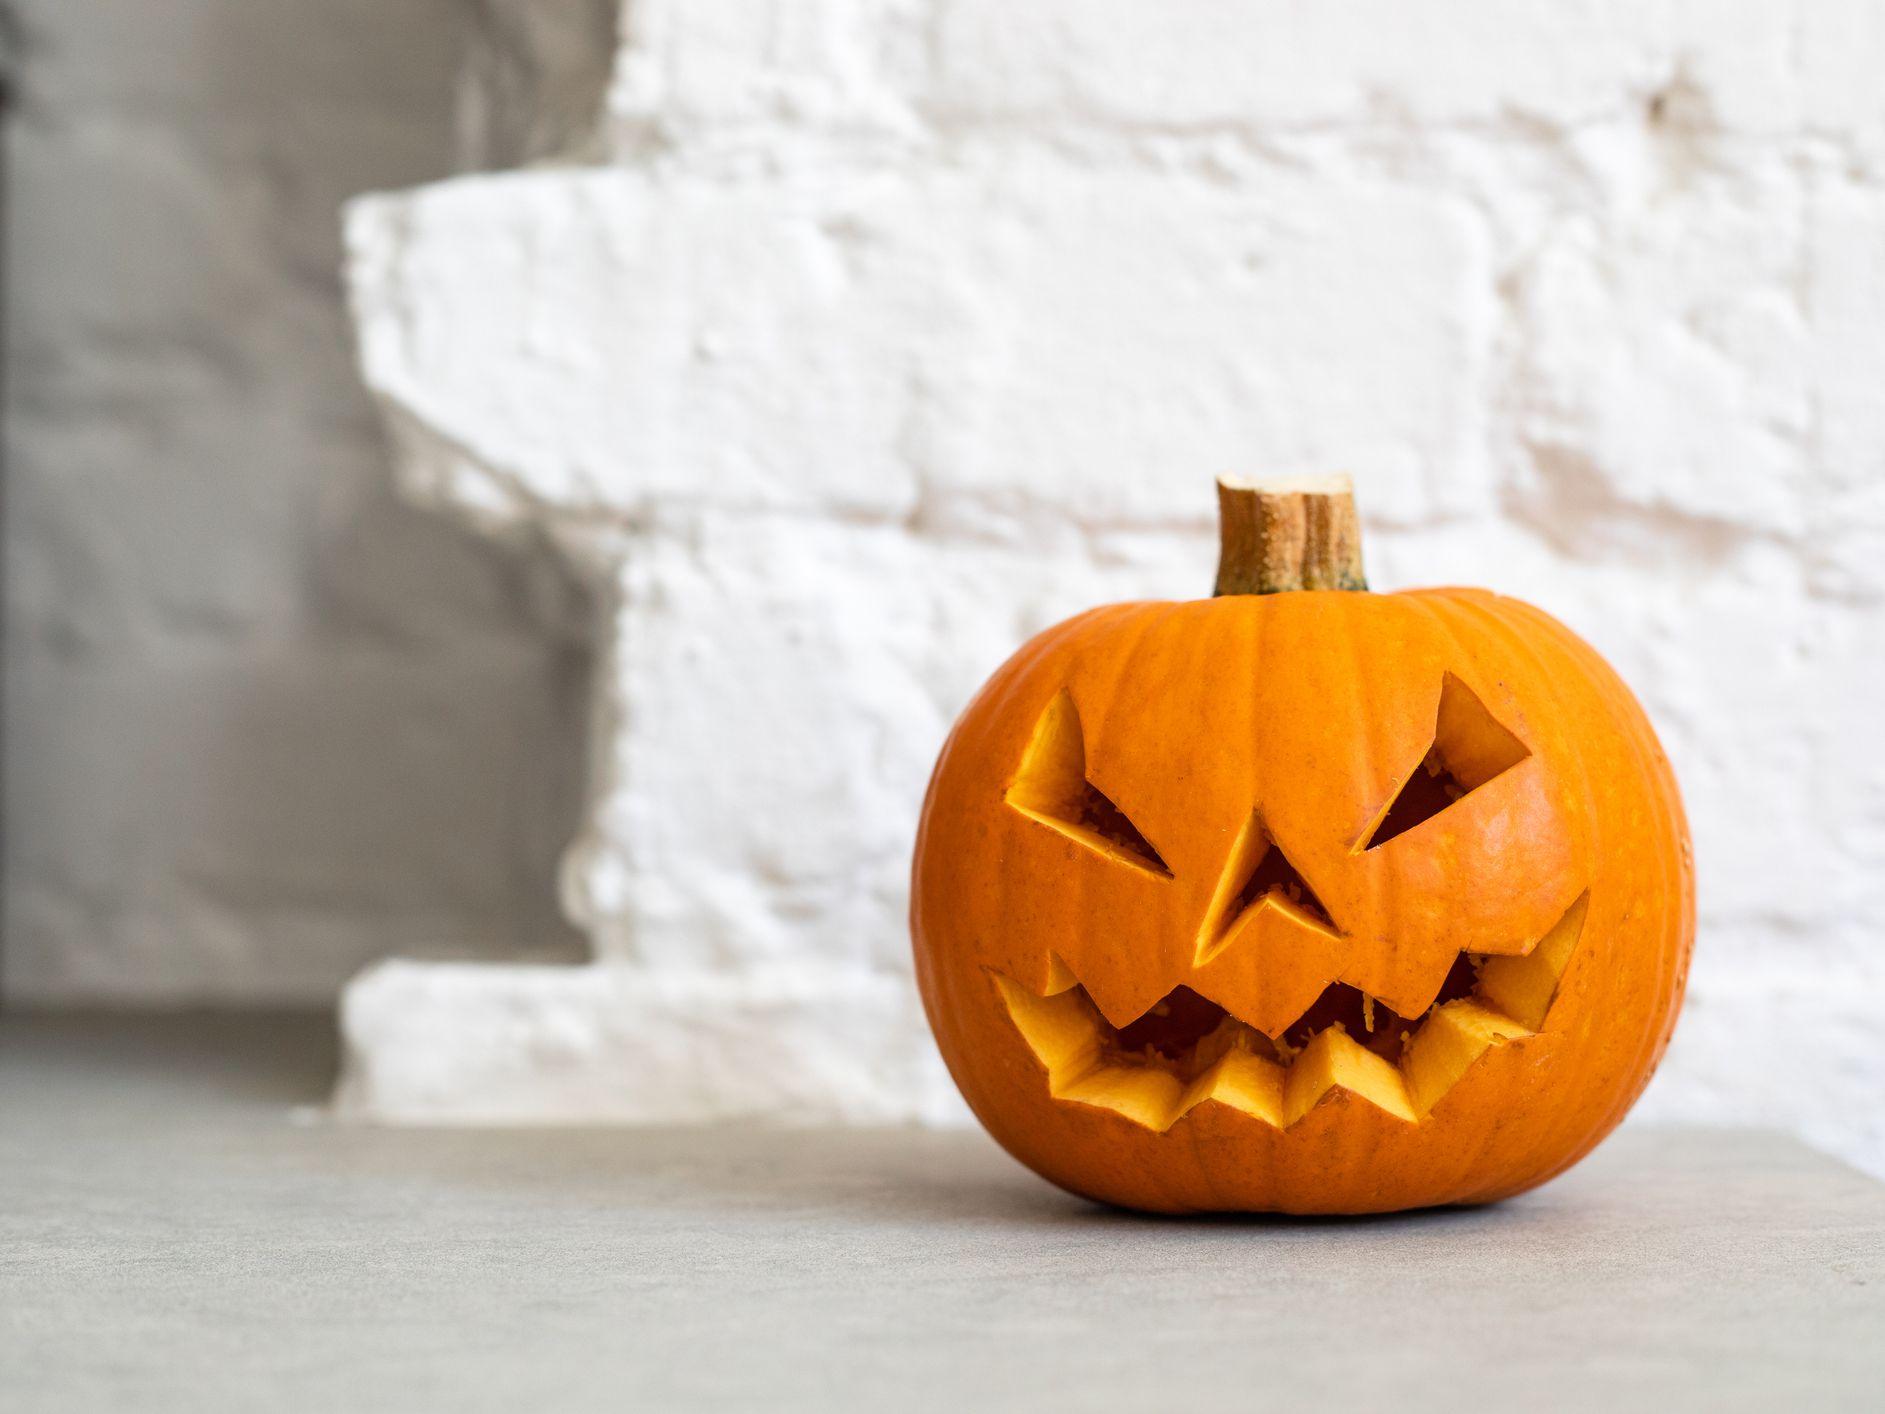 Download Halloween Pumpkin Sculptures Background